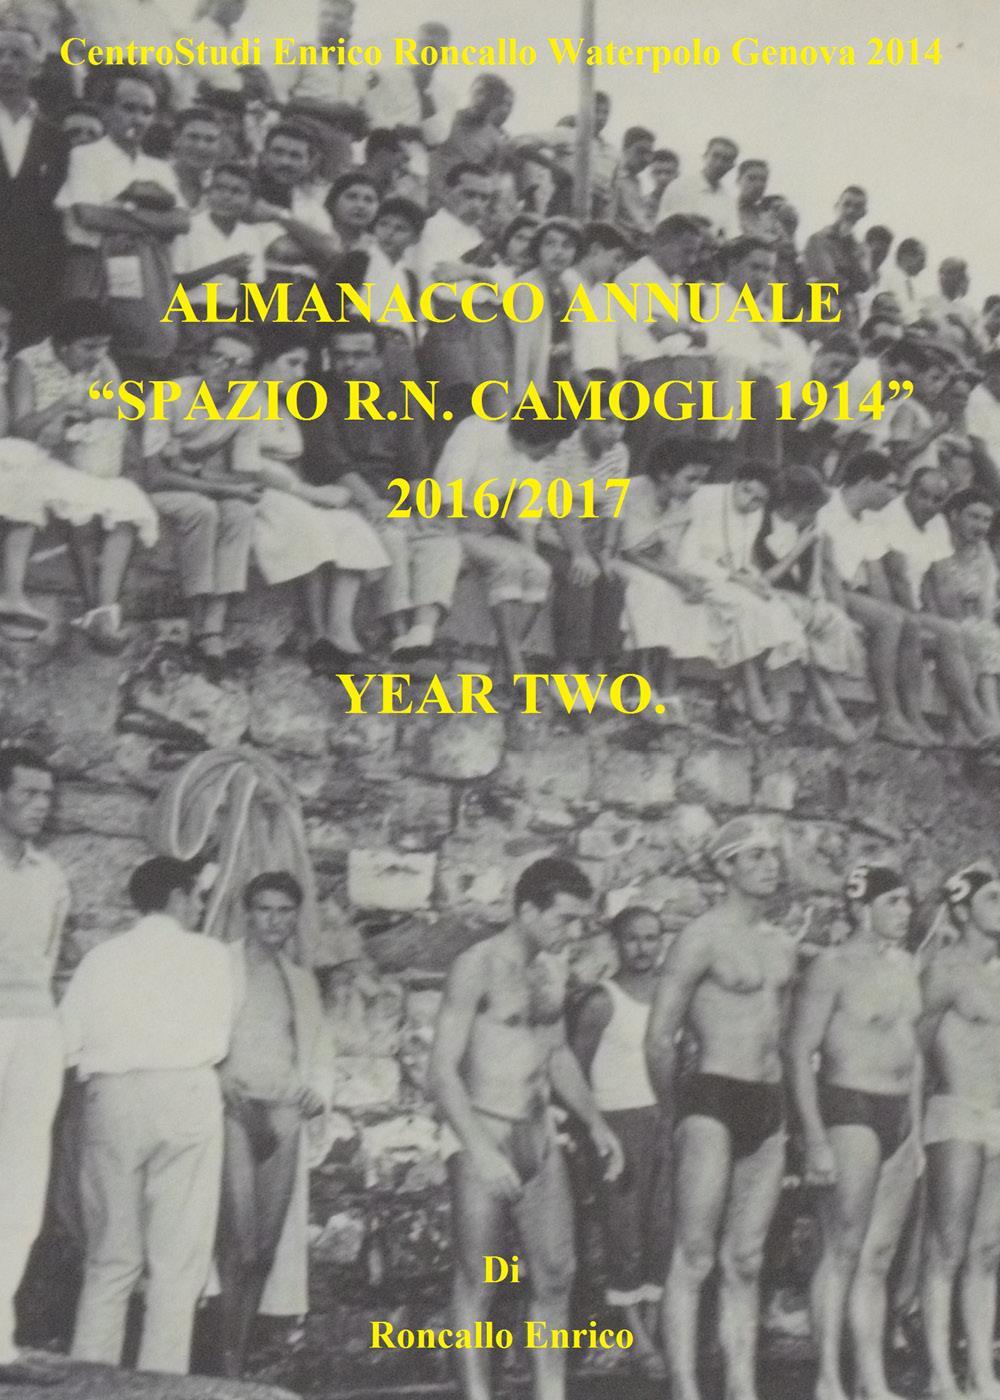 """Almanacco annuale """"SPAZIO R.N. CAMOGLI 1914""""  2016/2017  Vol. 2."""